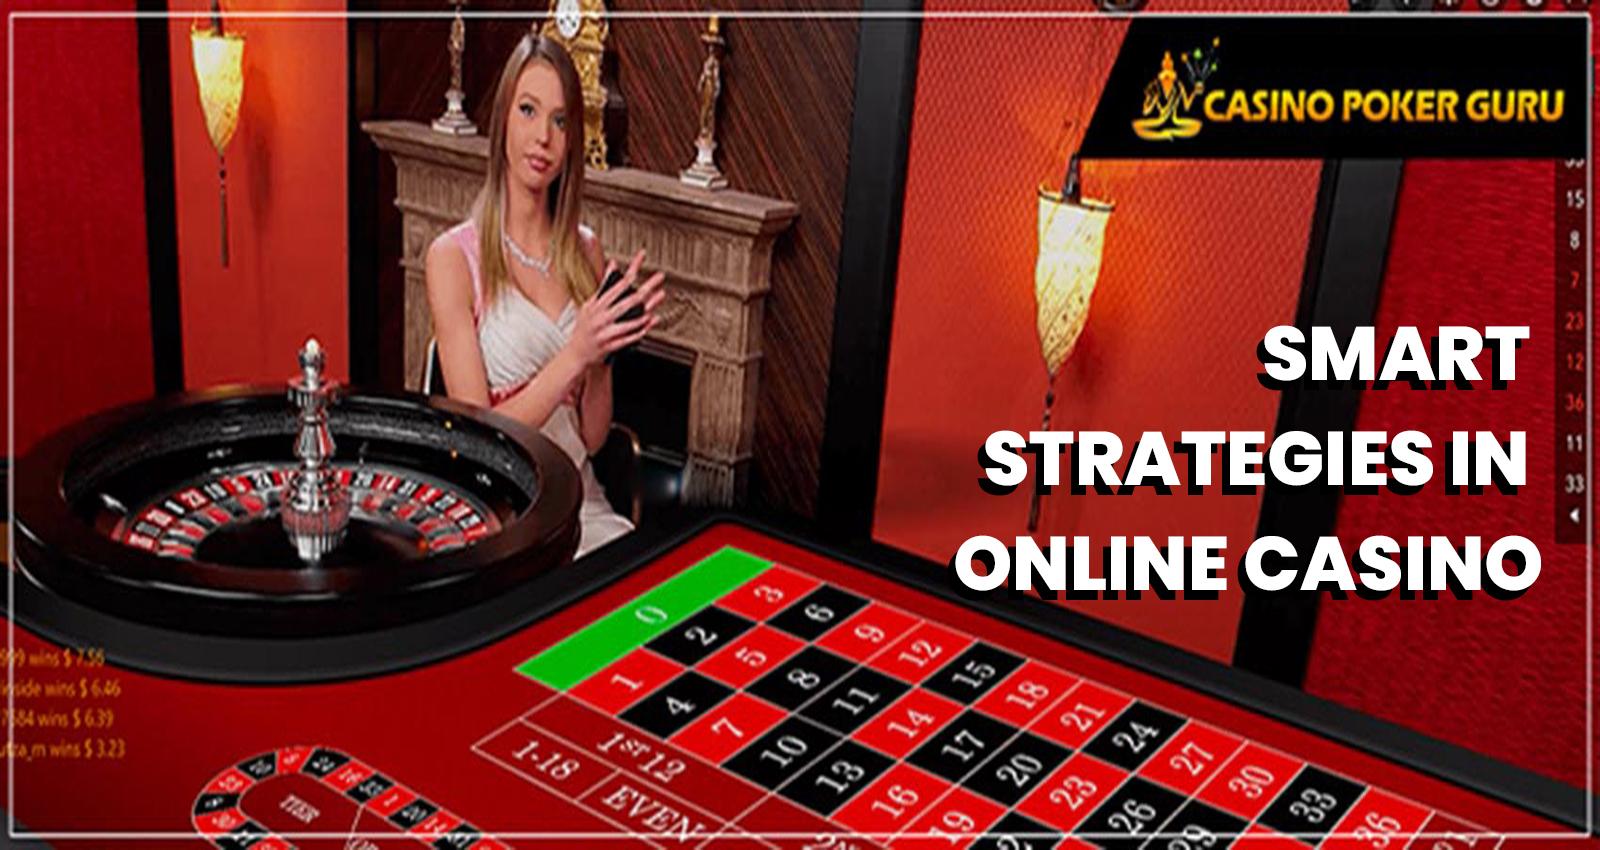 Smart Strategies In Online Casino